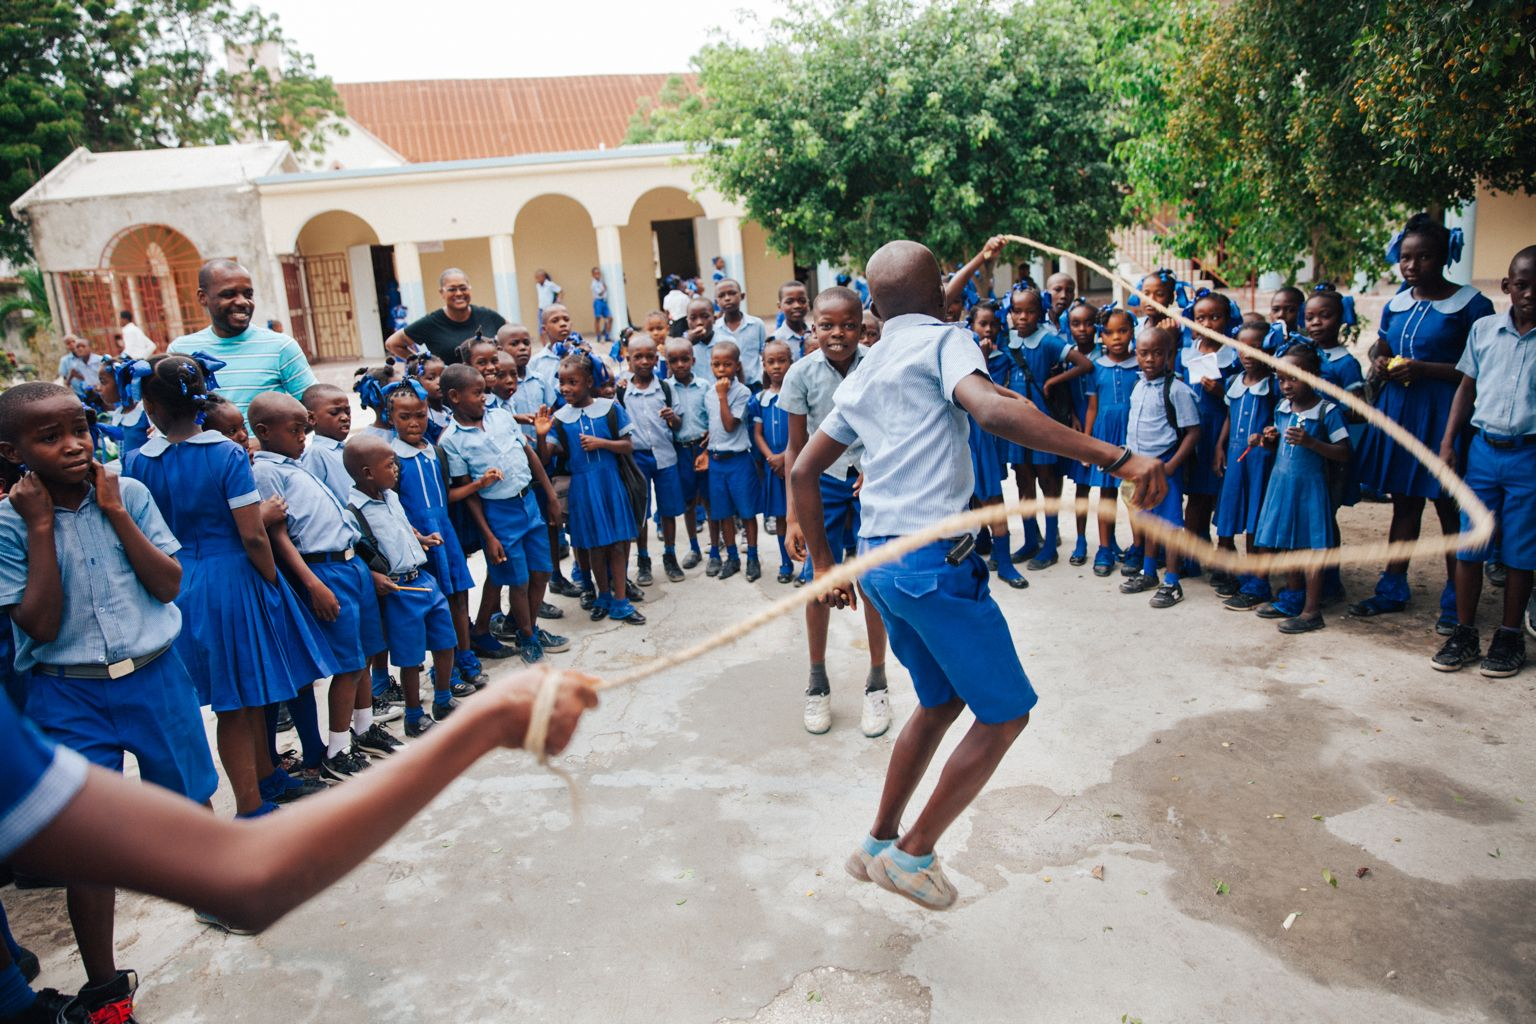 Child in Haiti Jumping Rope